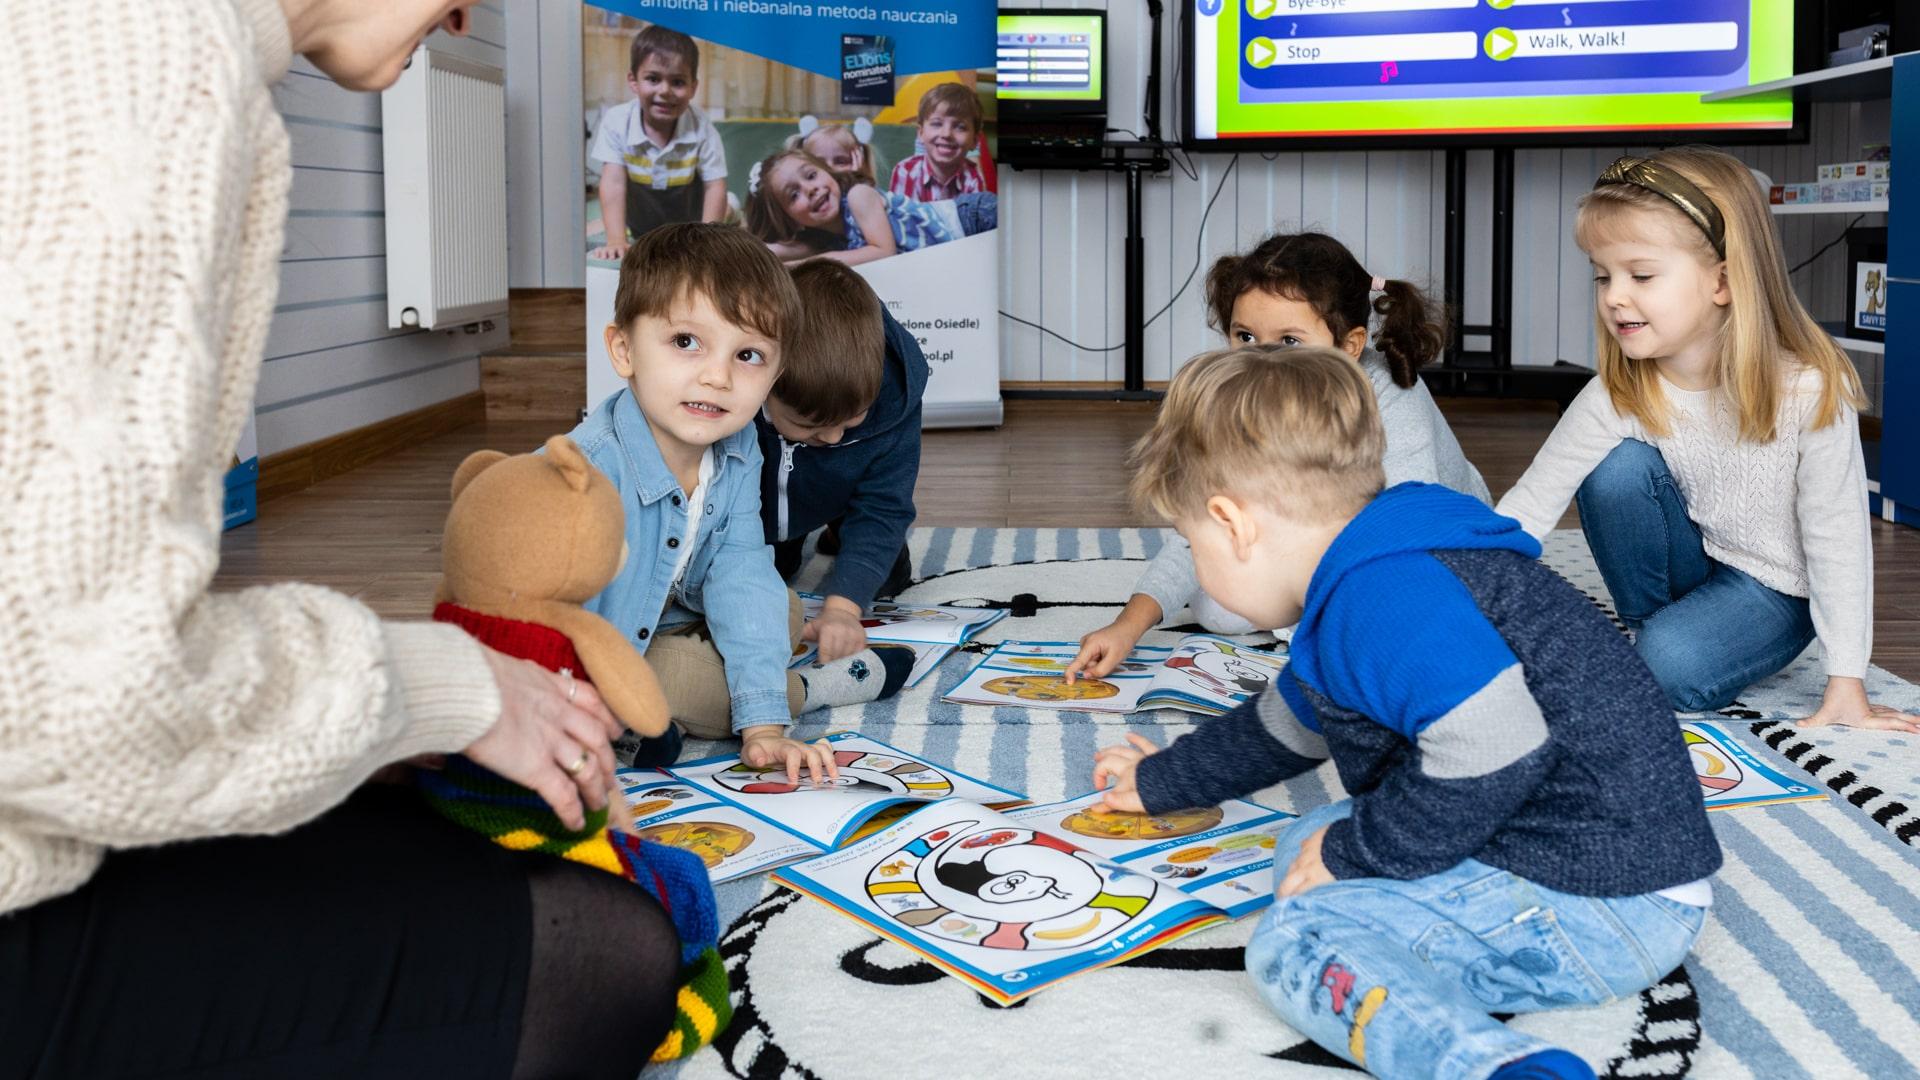 Angielski dla dzieci w wieku 2-7 lat Teddy Eddie